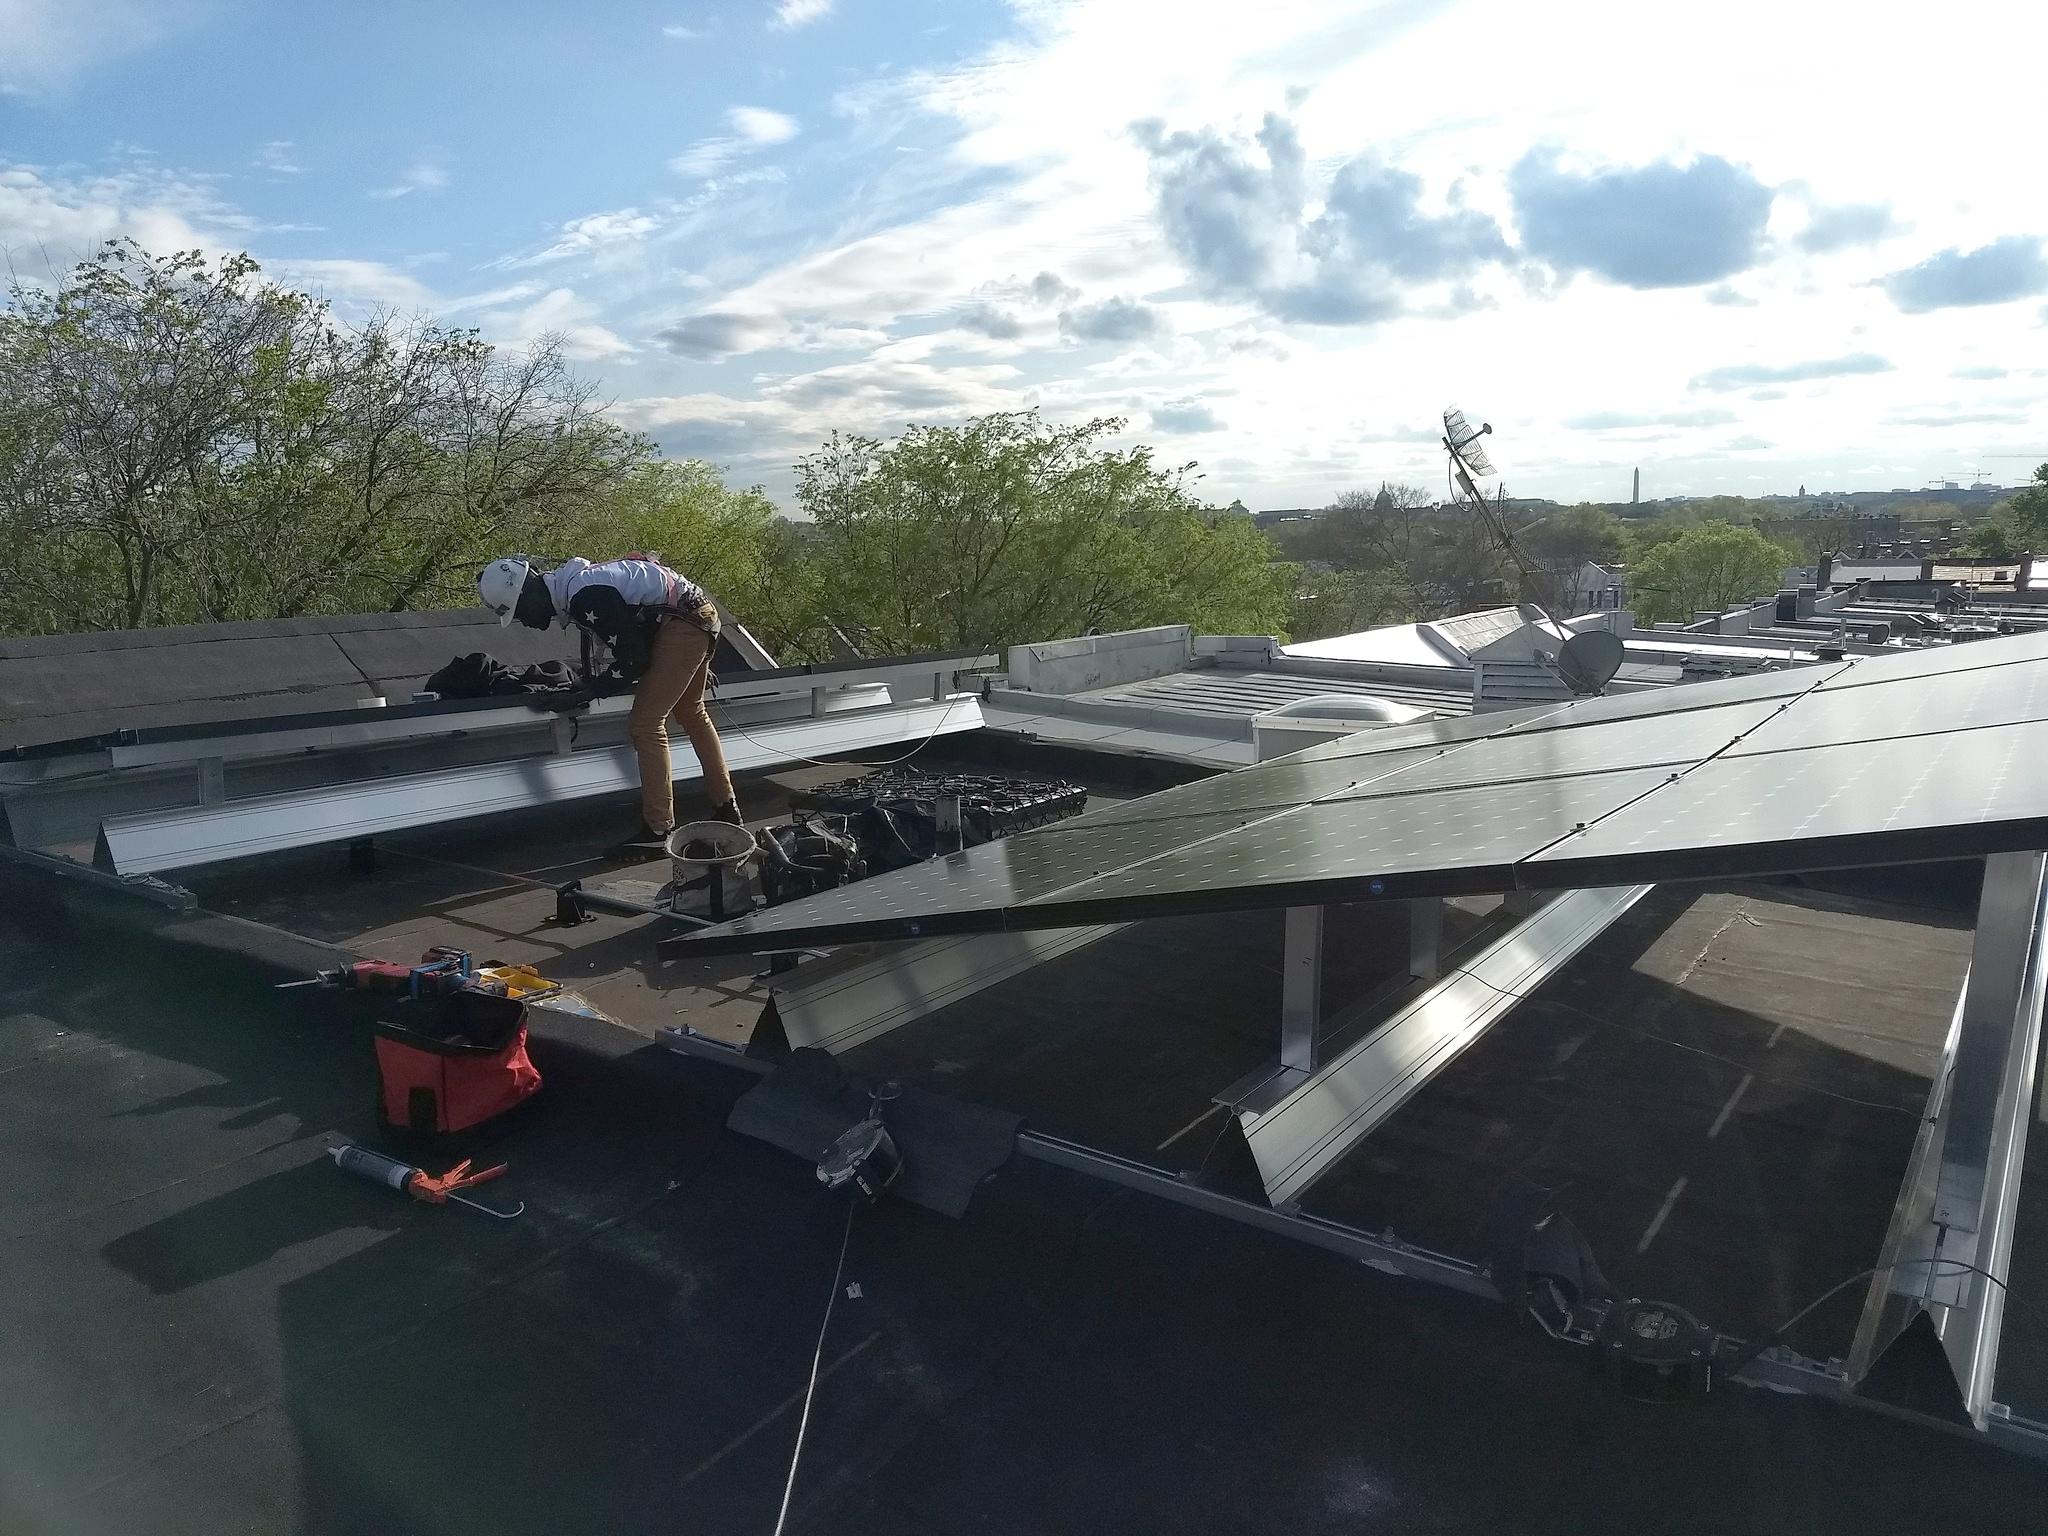 Instalación de paneles solares en viviendas multifamiliares  | GRID Alternatives Greater Los Angeles